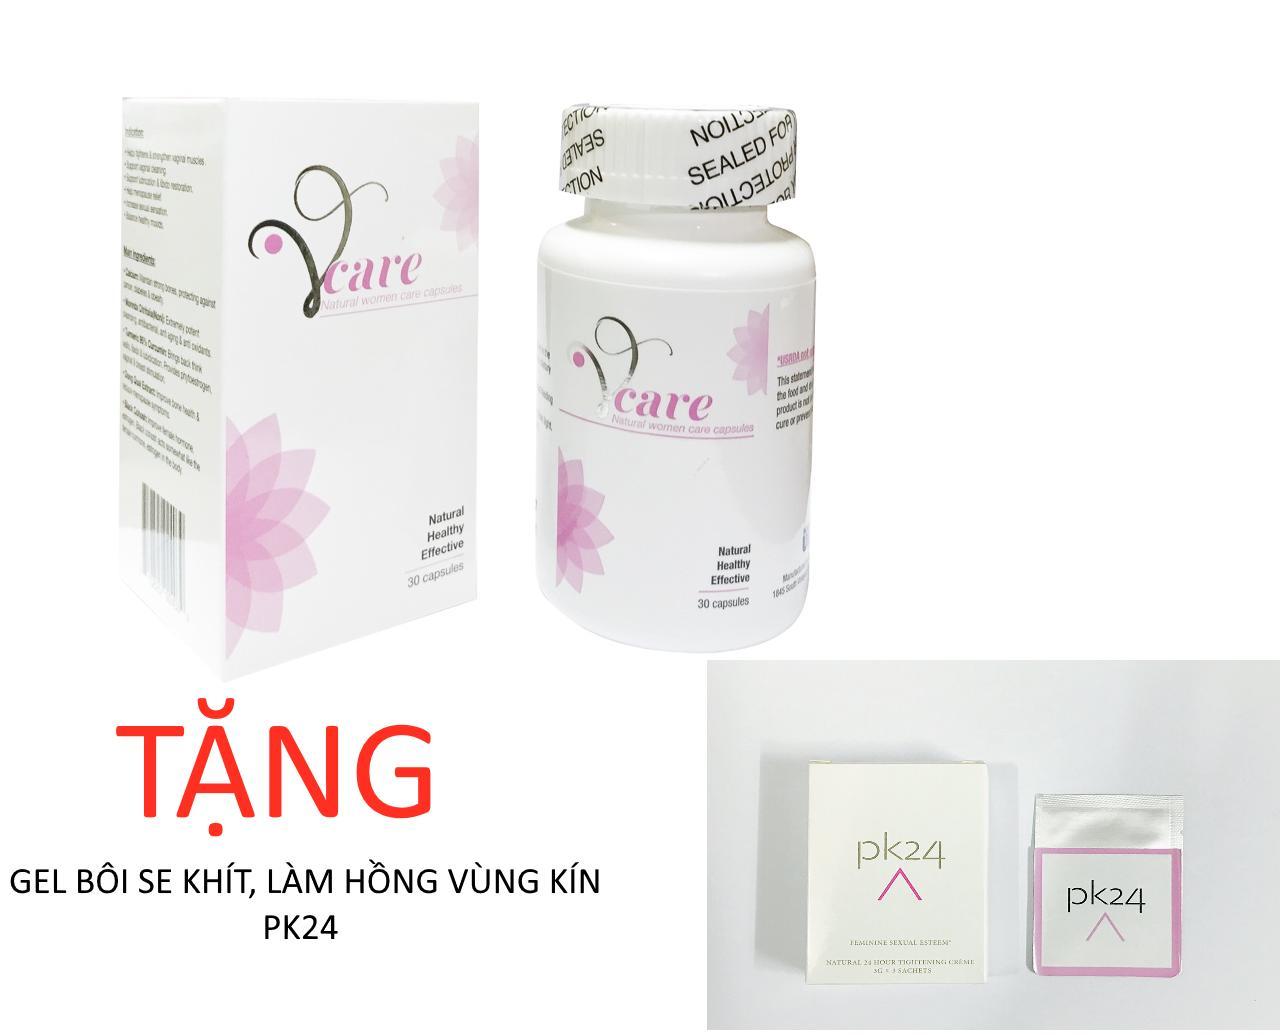 Viên uống sinh lý nữ Vcare Mỹ TẶNG Gel bôi se khít làm hồng vùng kín PK24